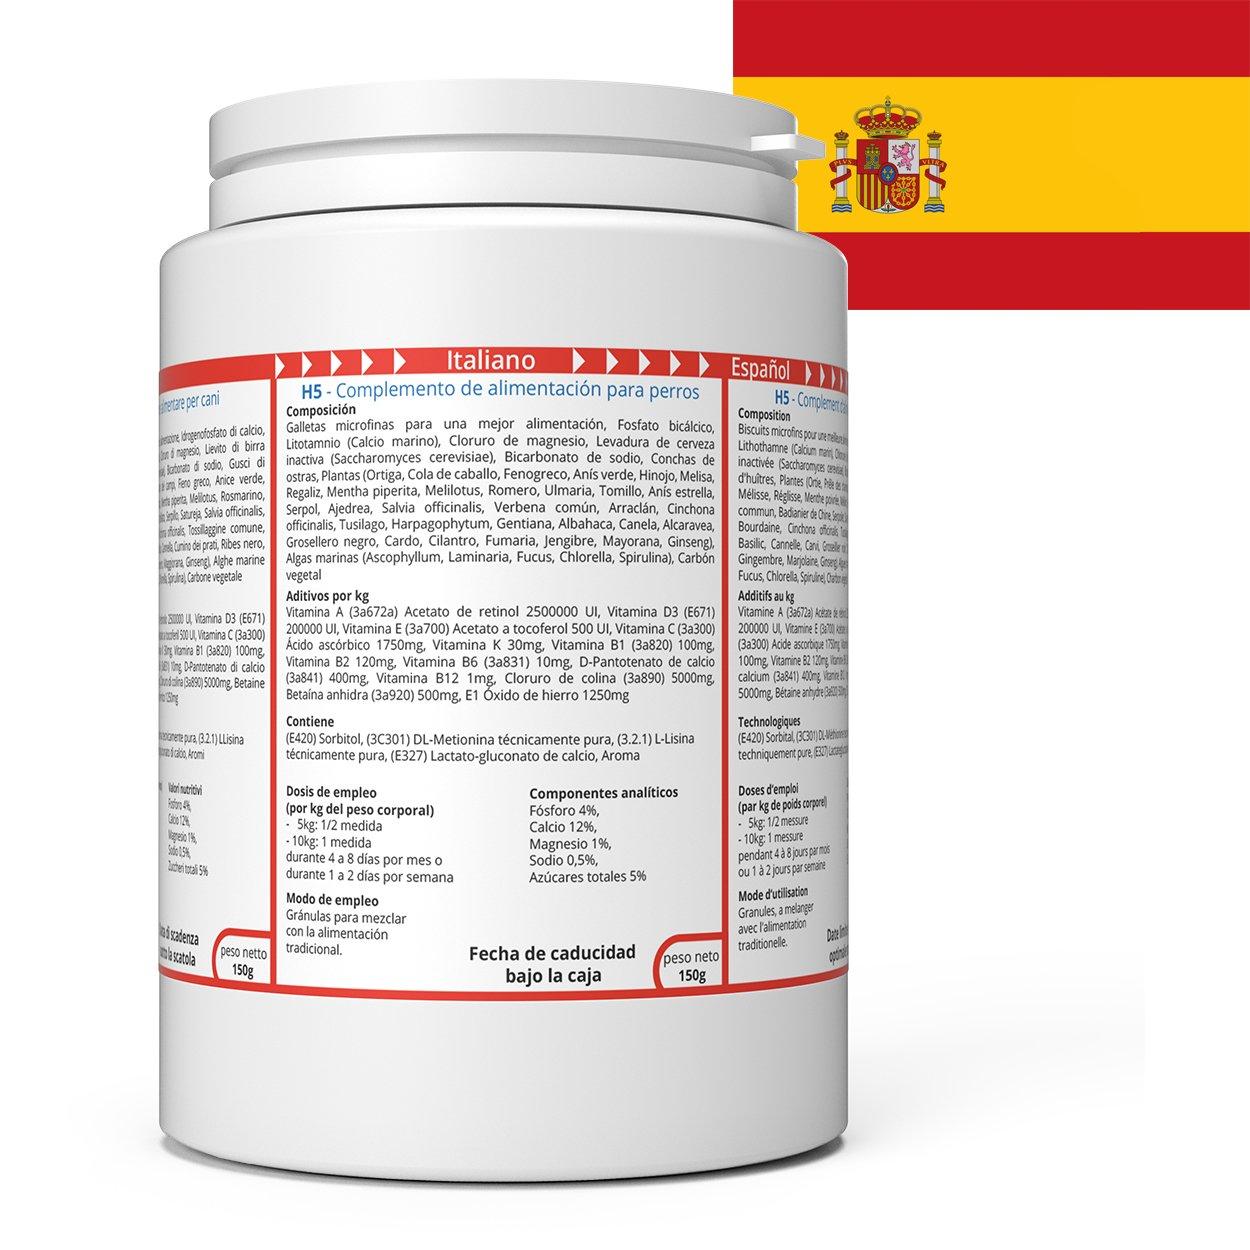 ww7 H5 Fórmula Natural para Vigor, músculos & tranporte de Perros -150g: Amazon.es: Productos para mascotas